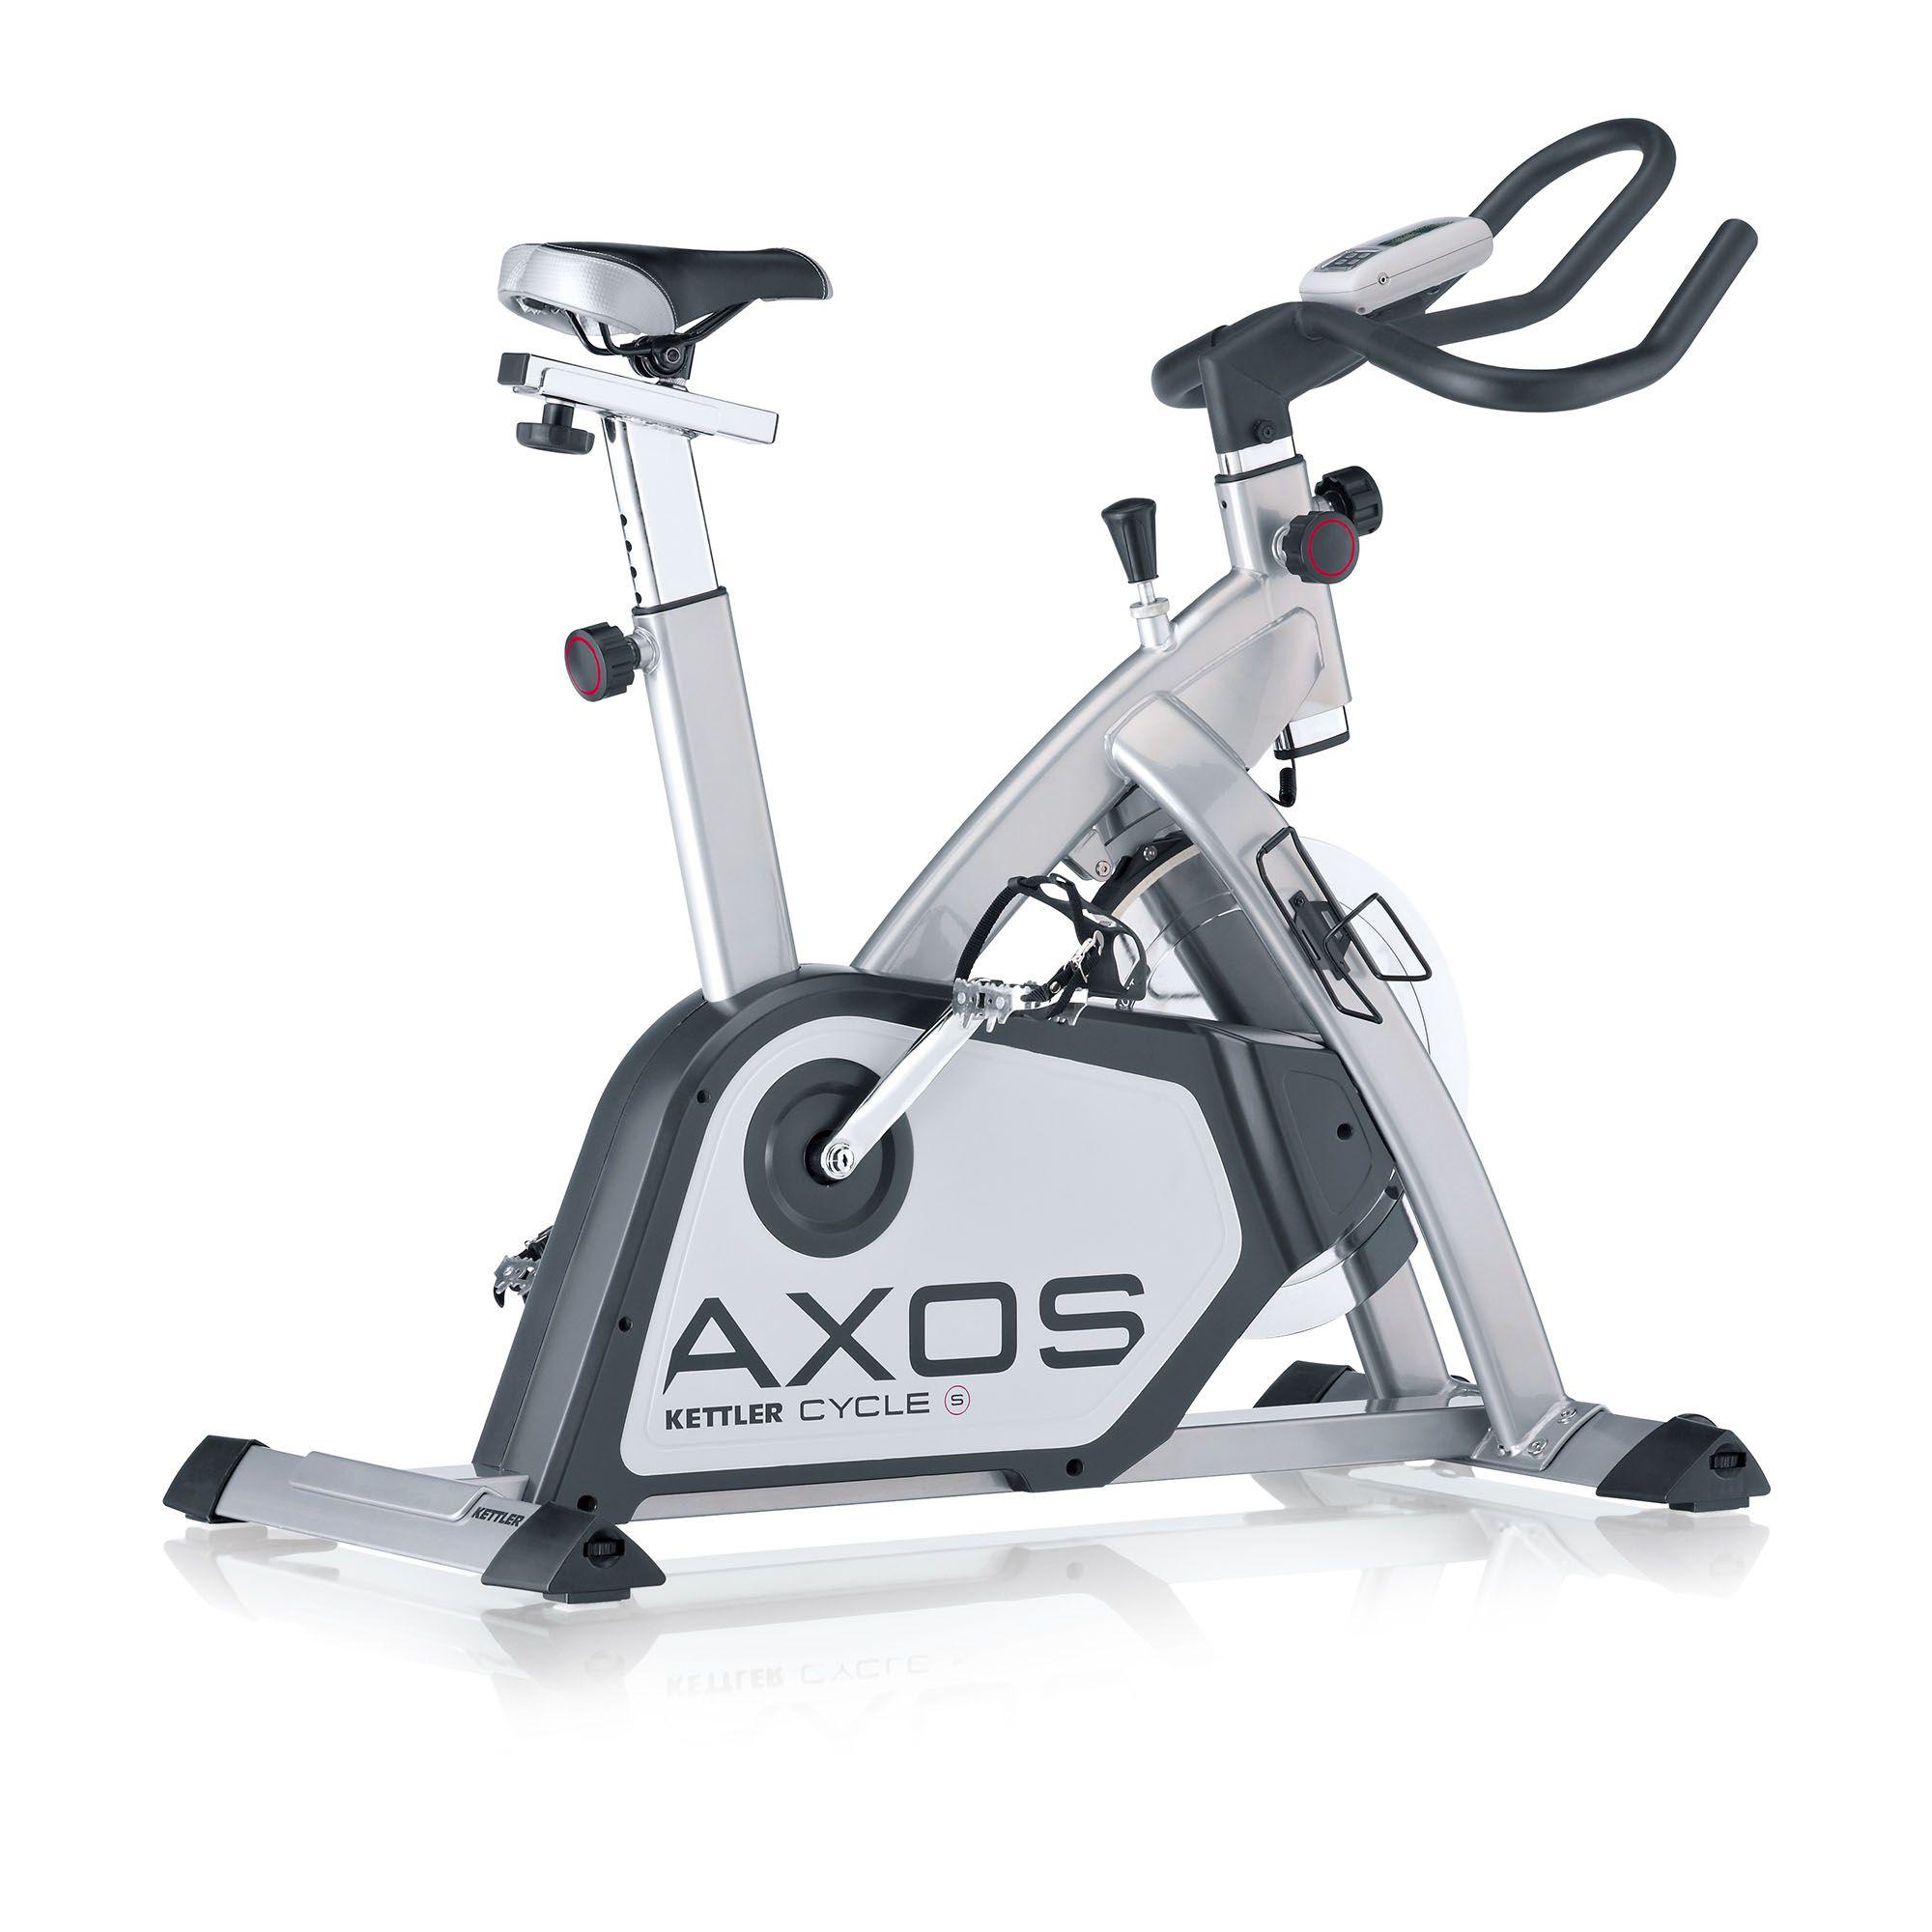 kettler axos s speed bike. Black Bedroom Furniture Sets. Home Design Ideas